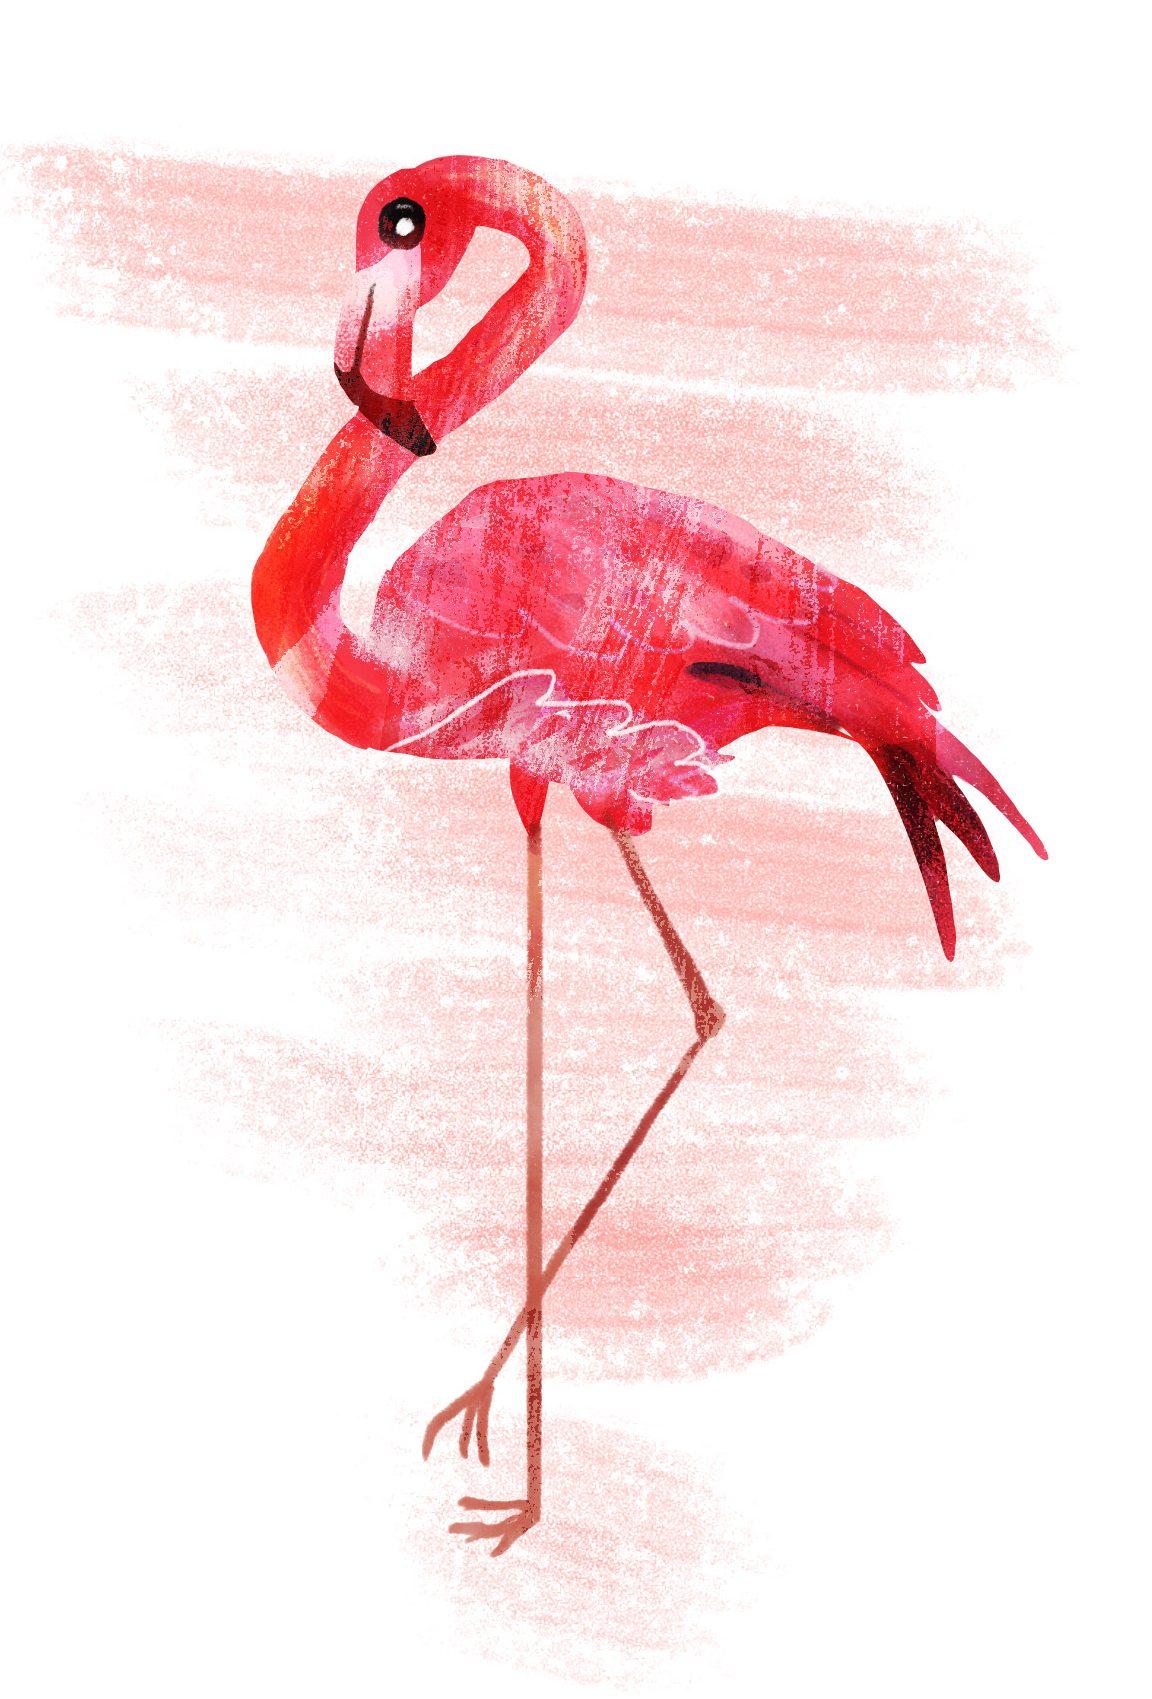 """ANIMAL ILLUSTRATION """"Un flamant rose"""" Peinture numérique  """"A flamingo"""" Digital painting"""